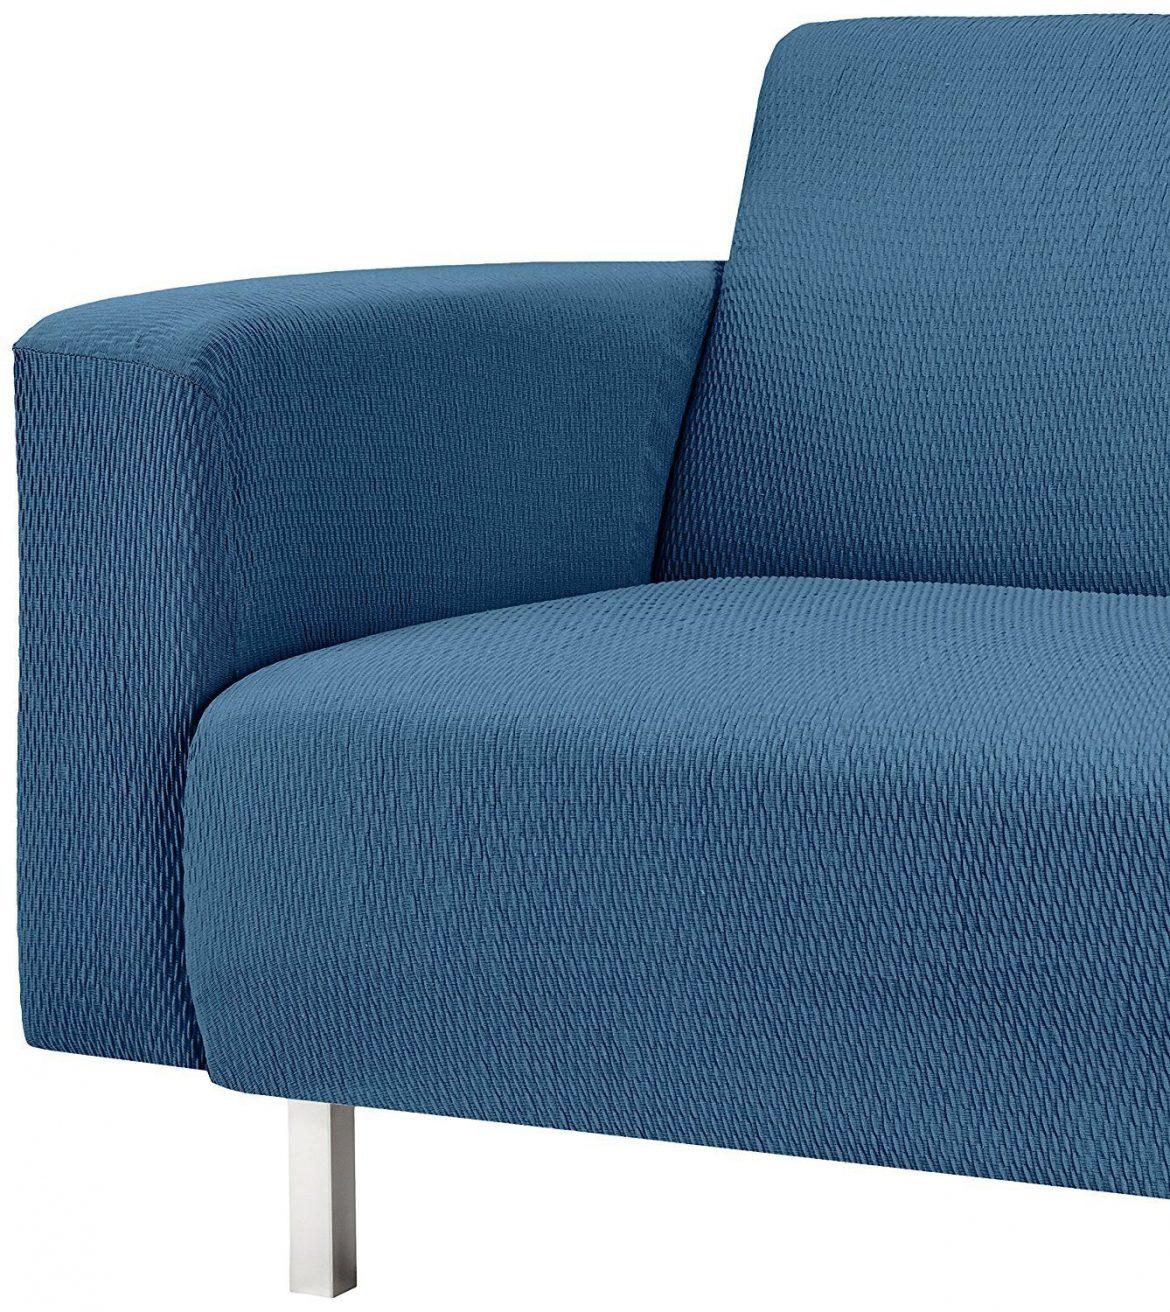 Funda azul para el sofá